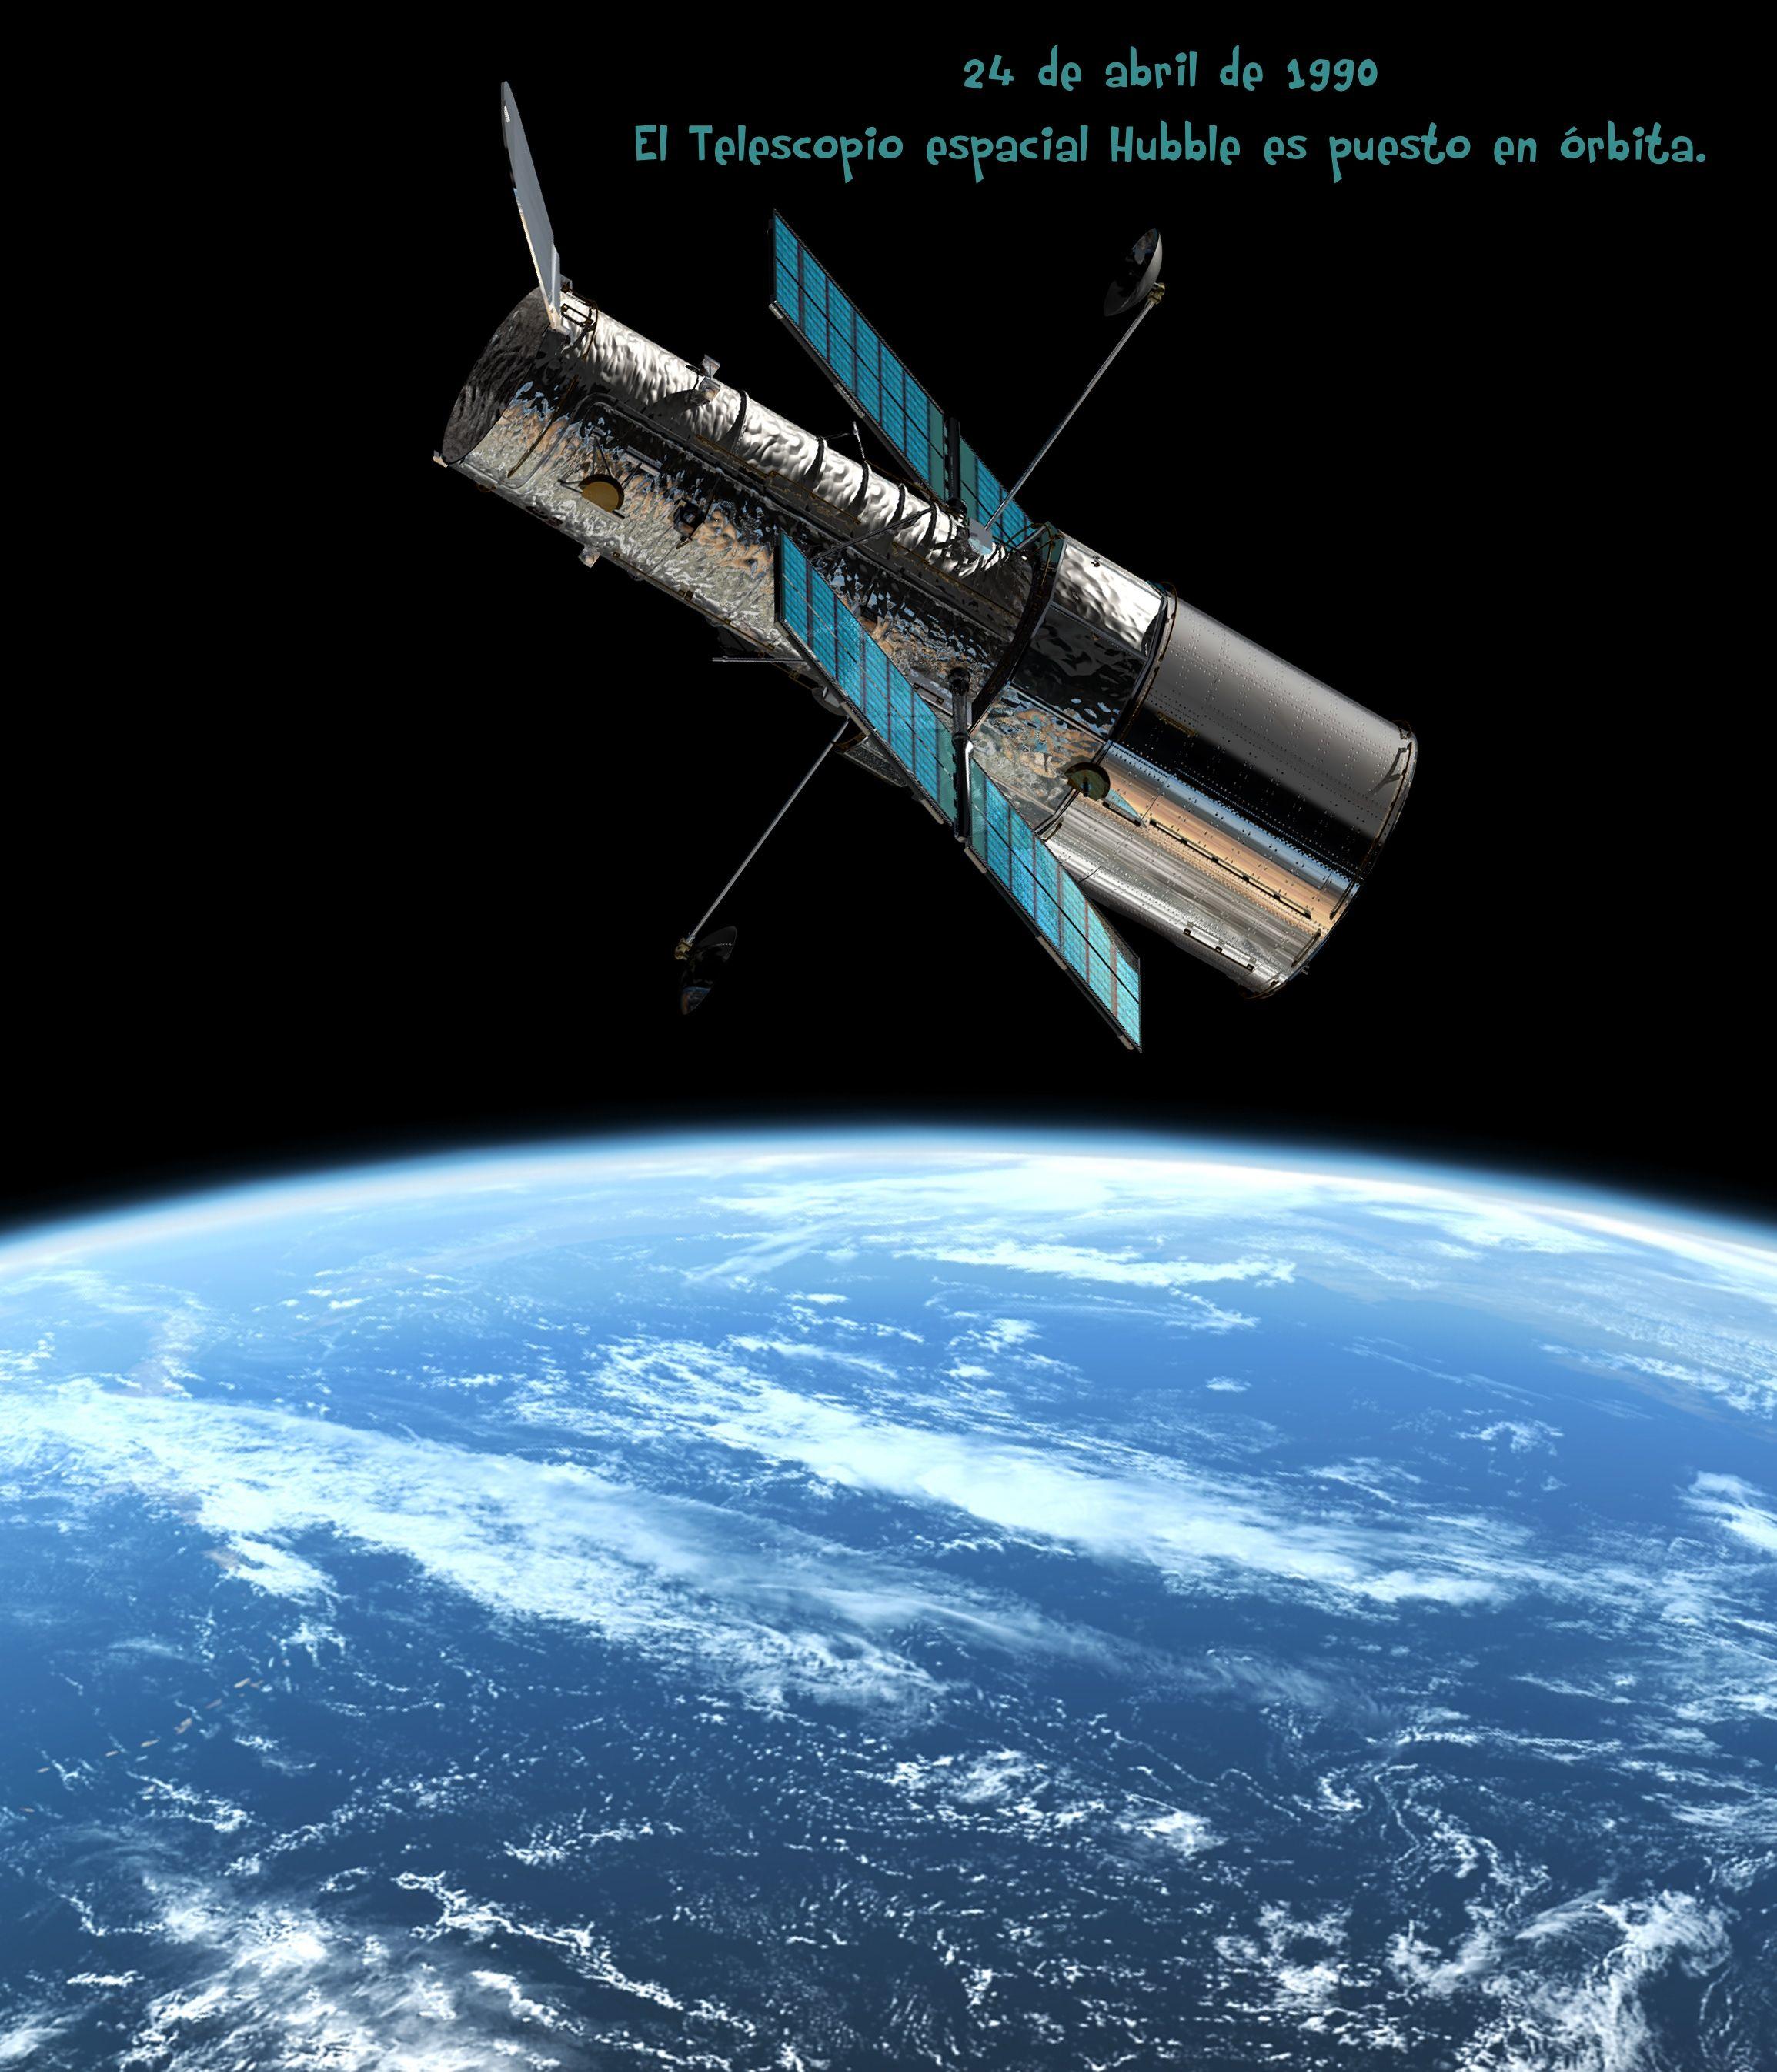 24 de abril de 1990    El telescopio Hubble es enviado al espacio.